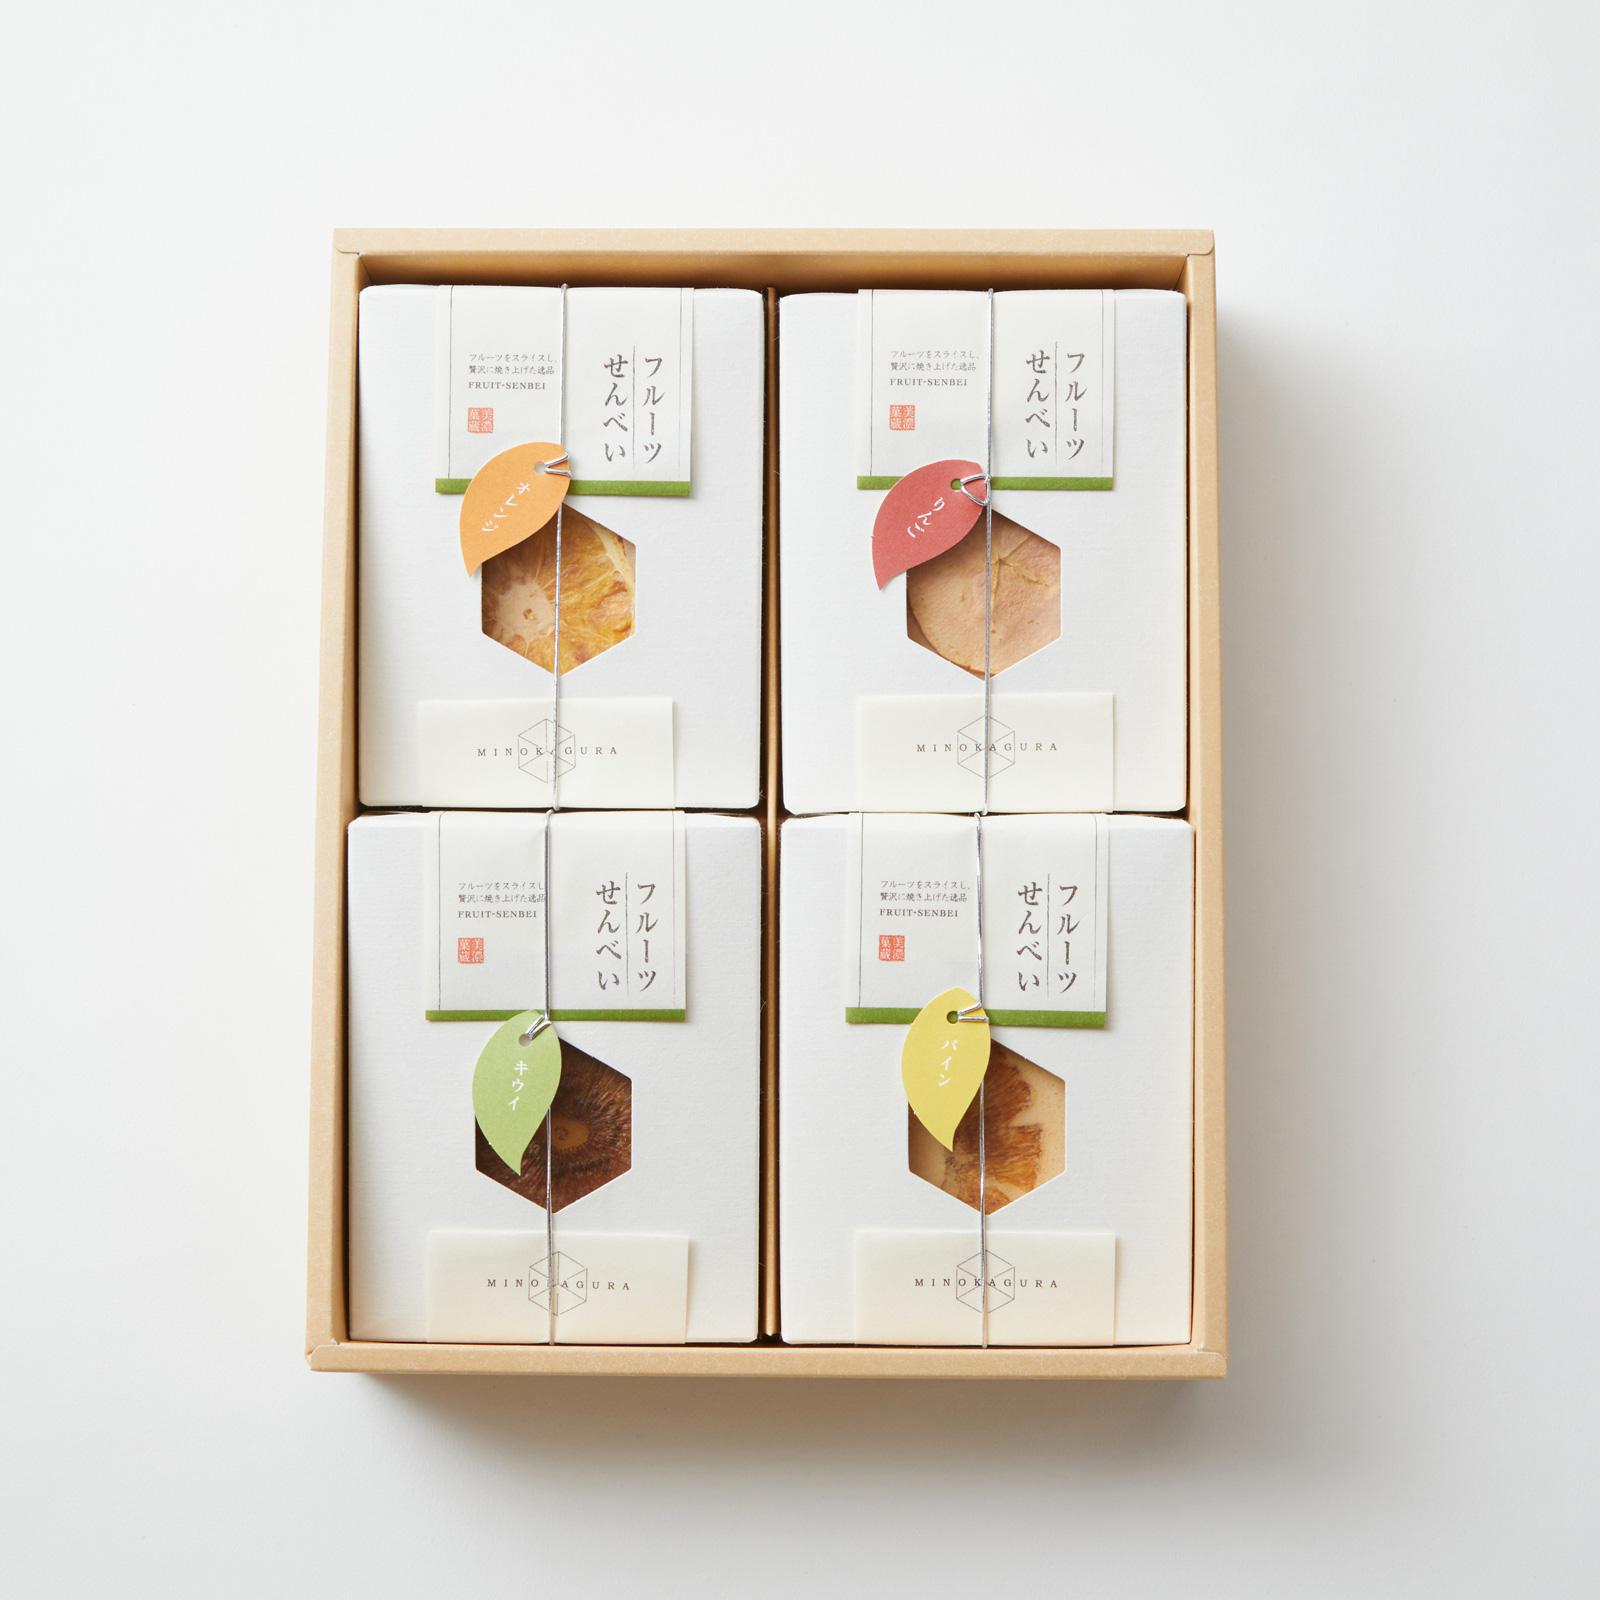 【美濃菓蔵4種入り:24枚】スライスフルーツを載せたはさみ焼きせんべい詰め合わせ